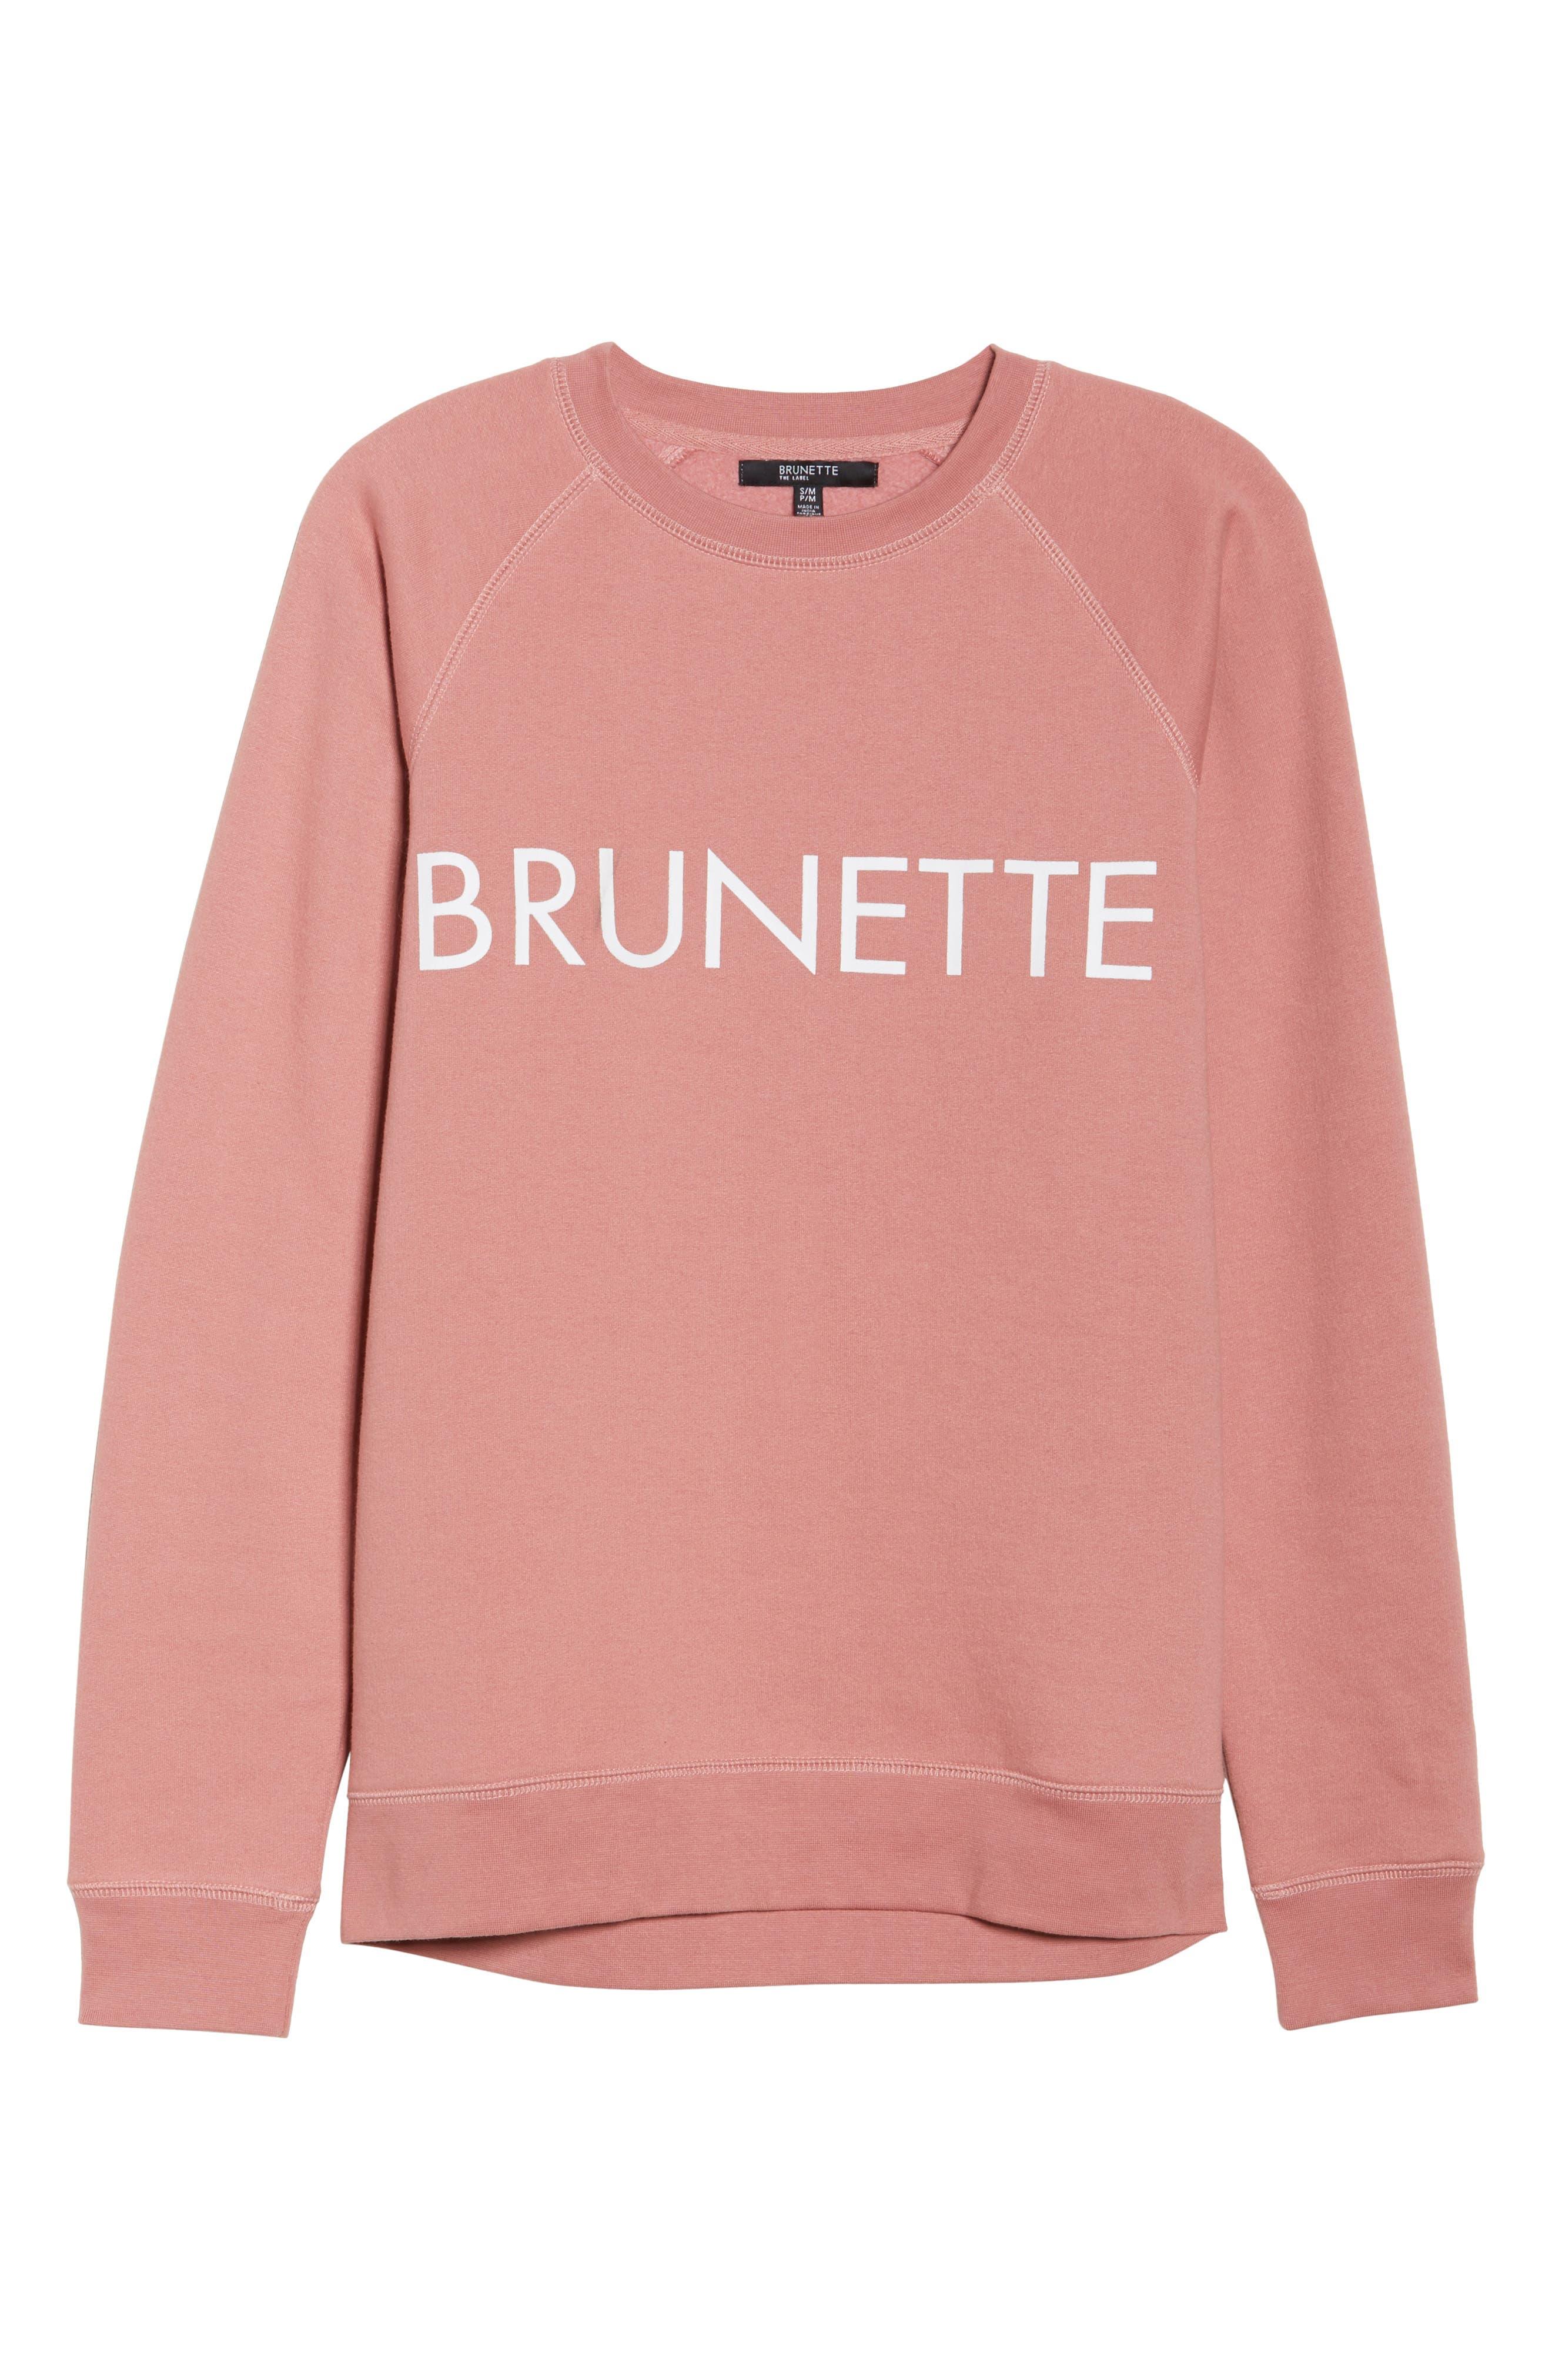 Brunette Crewneck Sweatshirt,                             Alternate thumbnail 6, color,